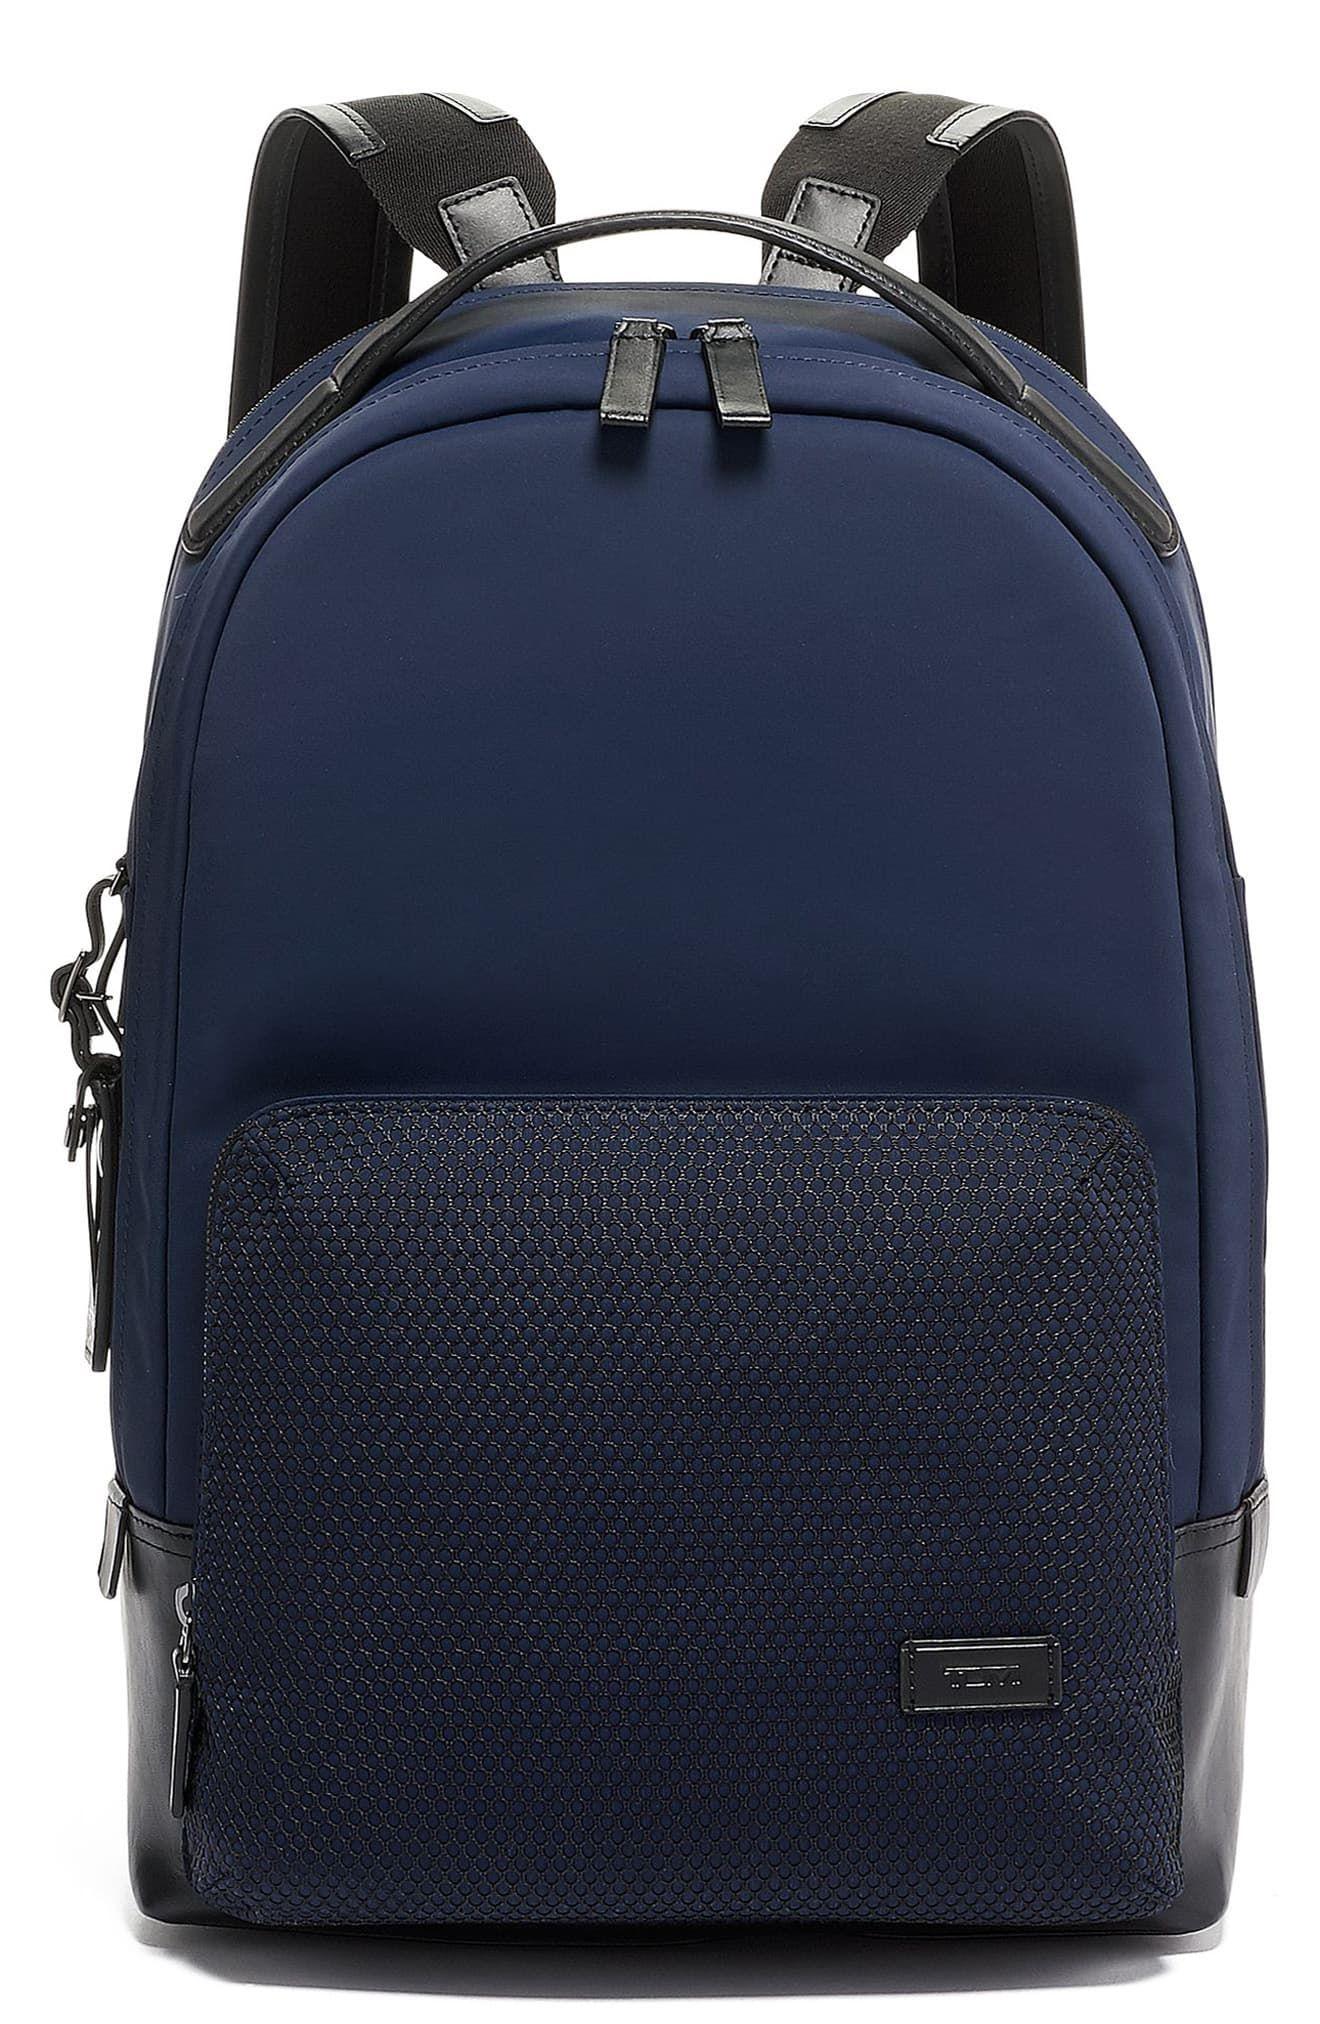 1b423f0d1e35 Harrison Webster Backpack